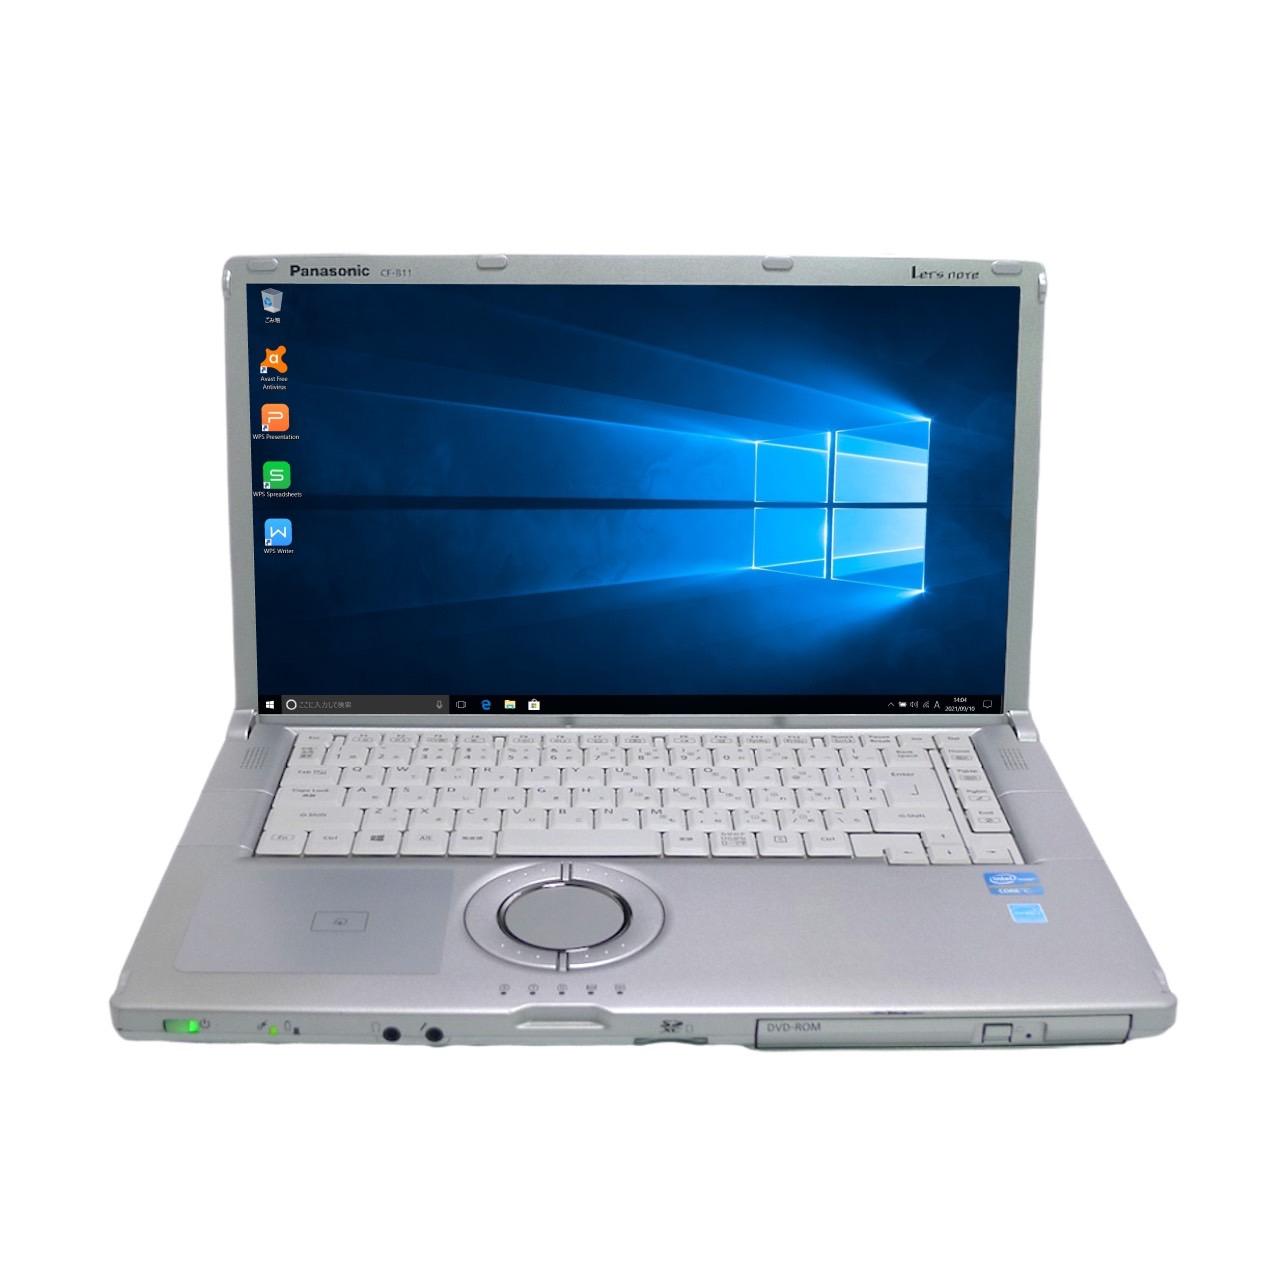 パナソニック Panasonic Let's 大特価 note CF-B11 Core i3 8GB HDD320GB Windows10 64bitWPSOffice DVD-ROM モバイルノート 中古パソコン ノートパソコン 無線LAN 15.6インチ 中古 メーカー直送